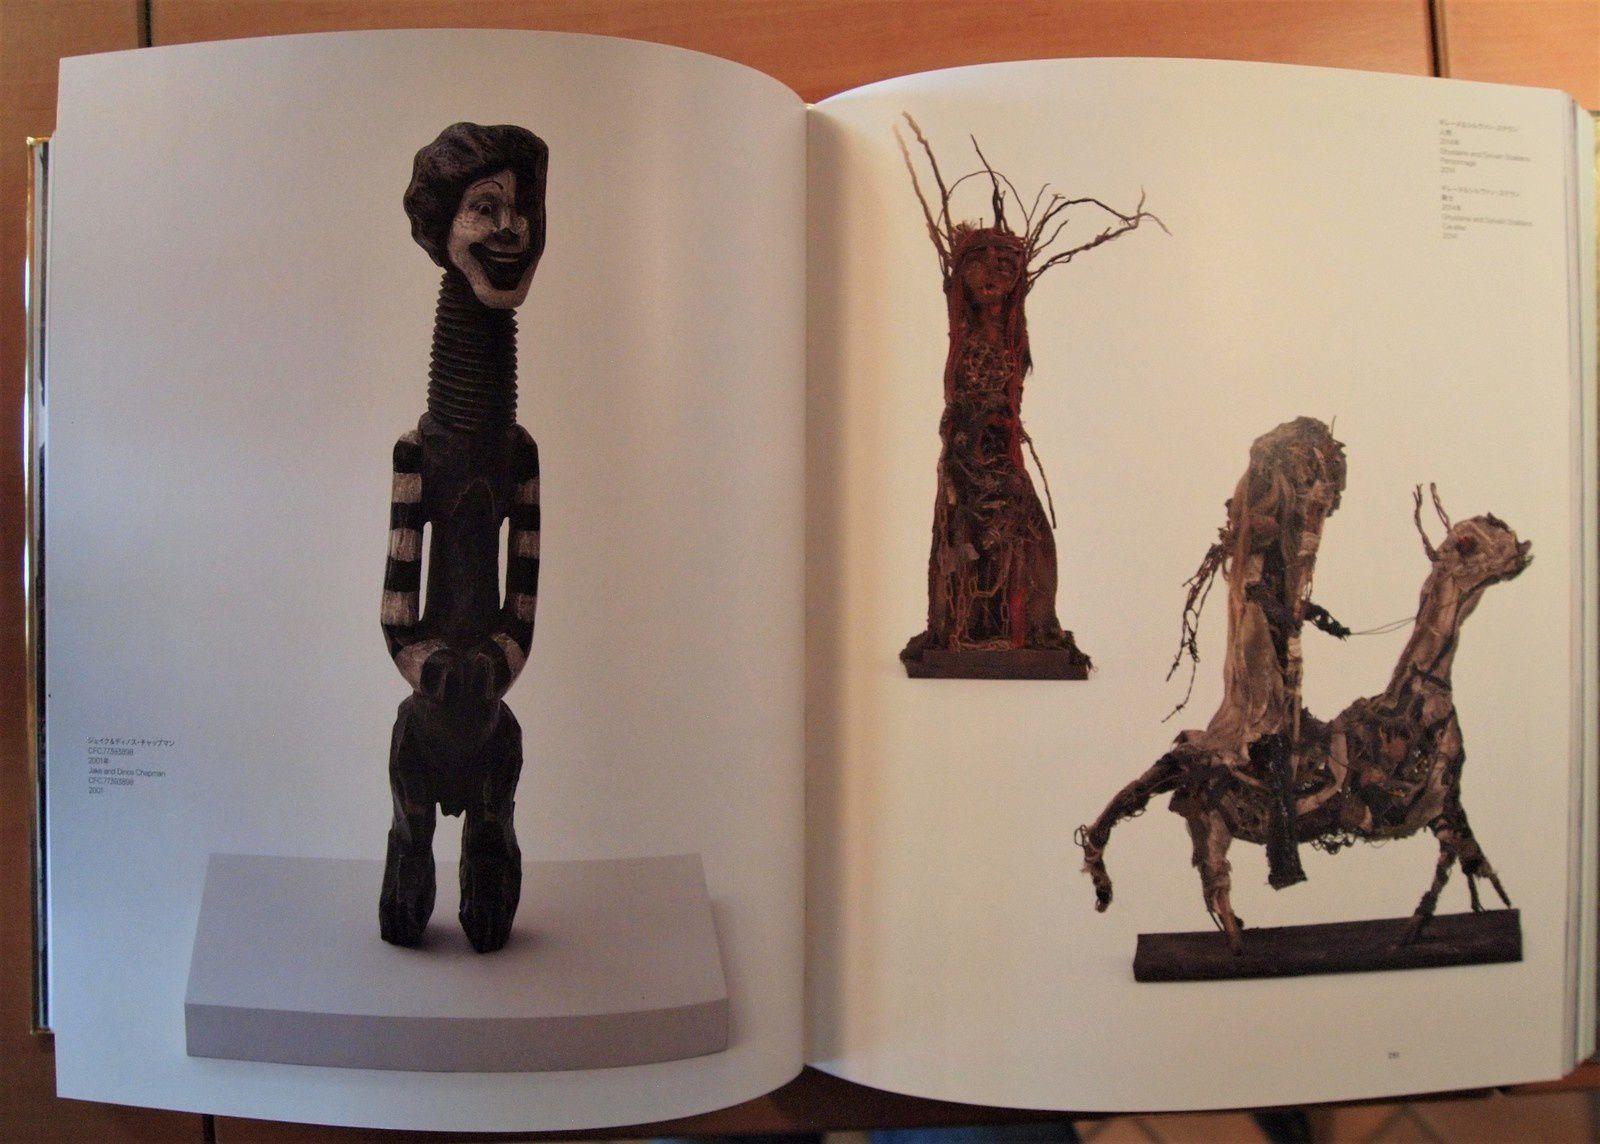 Catalogue de l'exposition Takashi Murakami's Superflat Collection